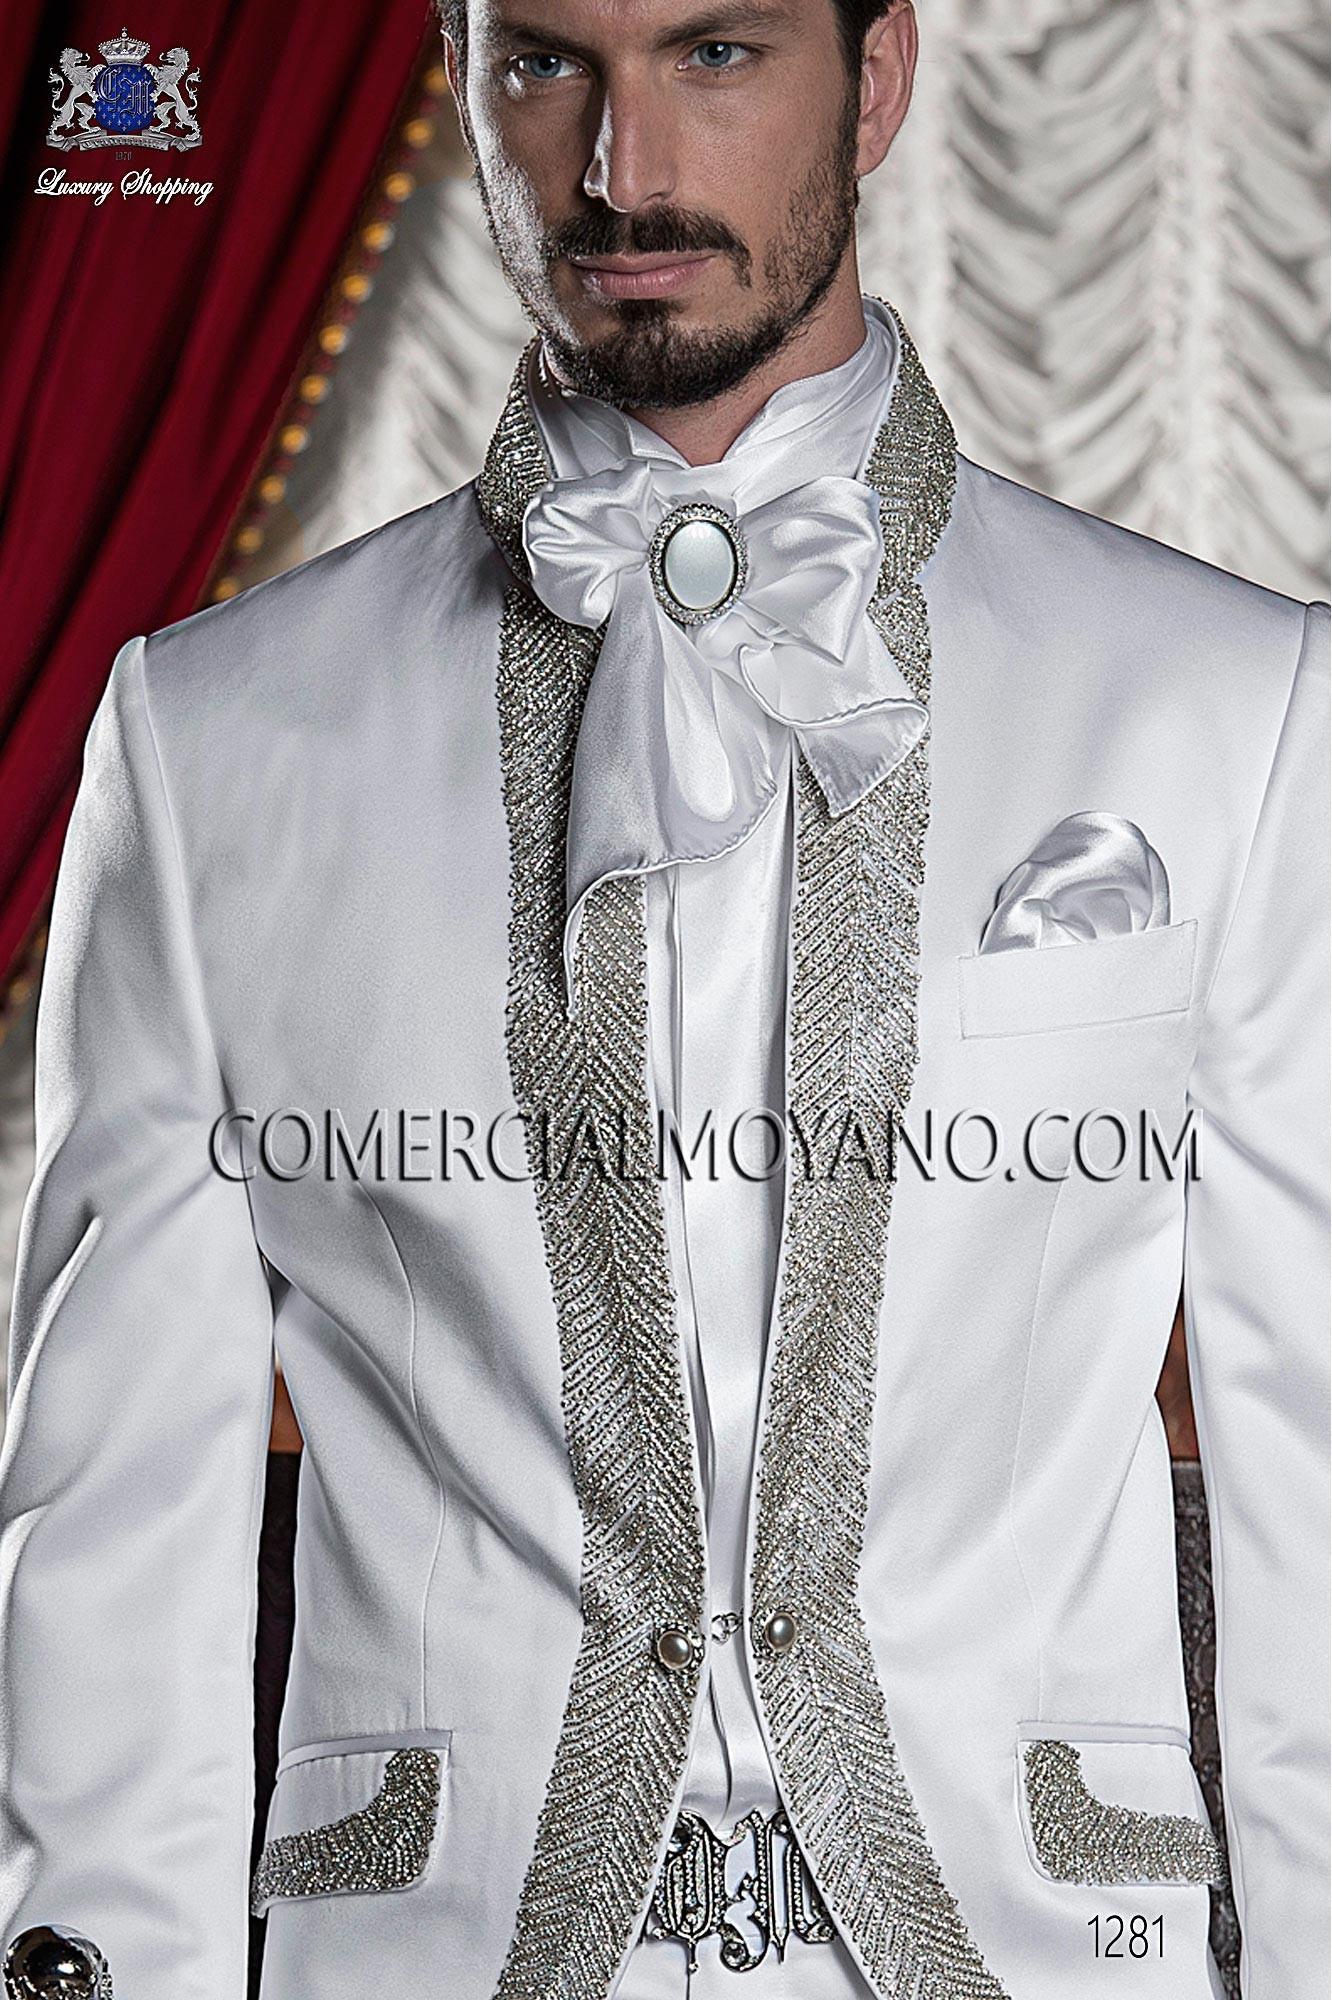 Traje barroco de novio blanco modelo: 1281 Ottavio Nuccio Gala colección Barroco